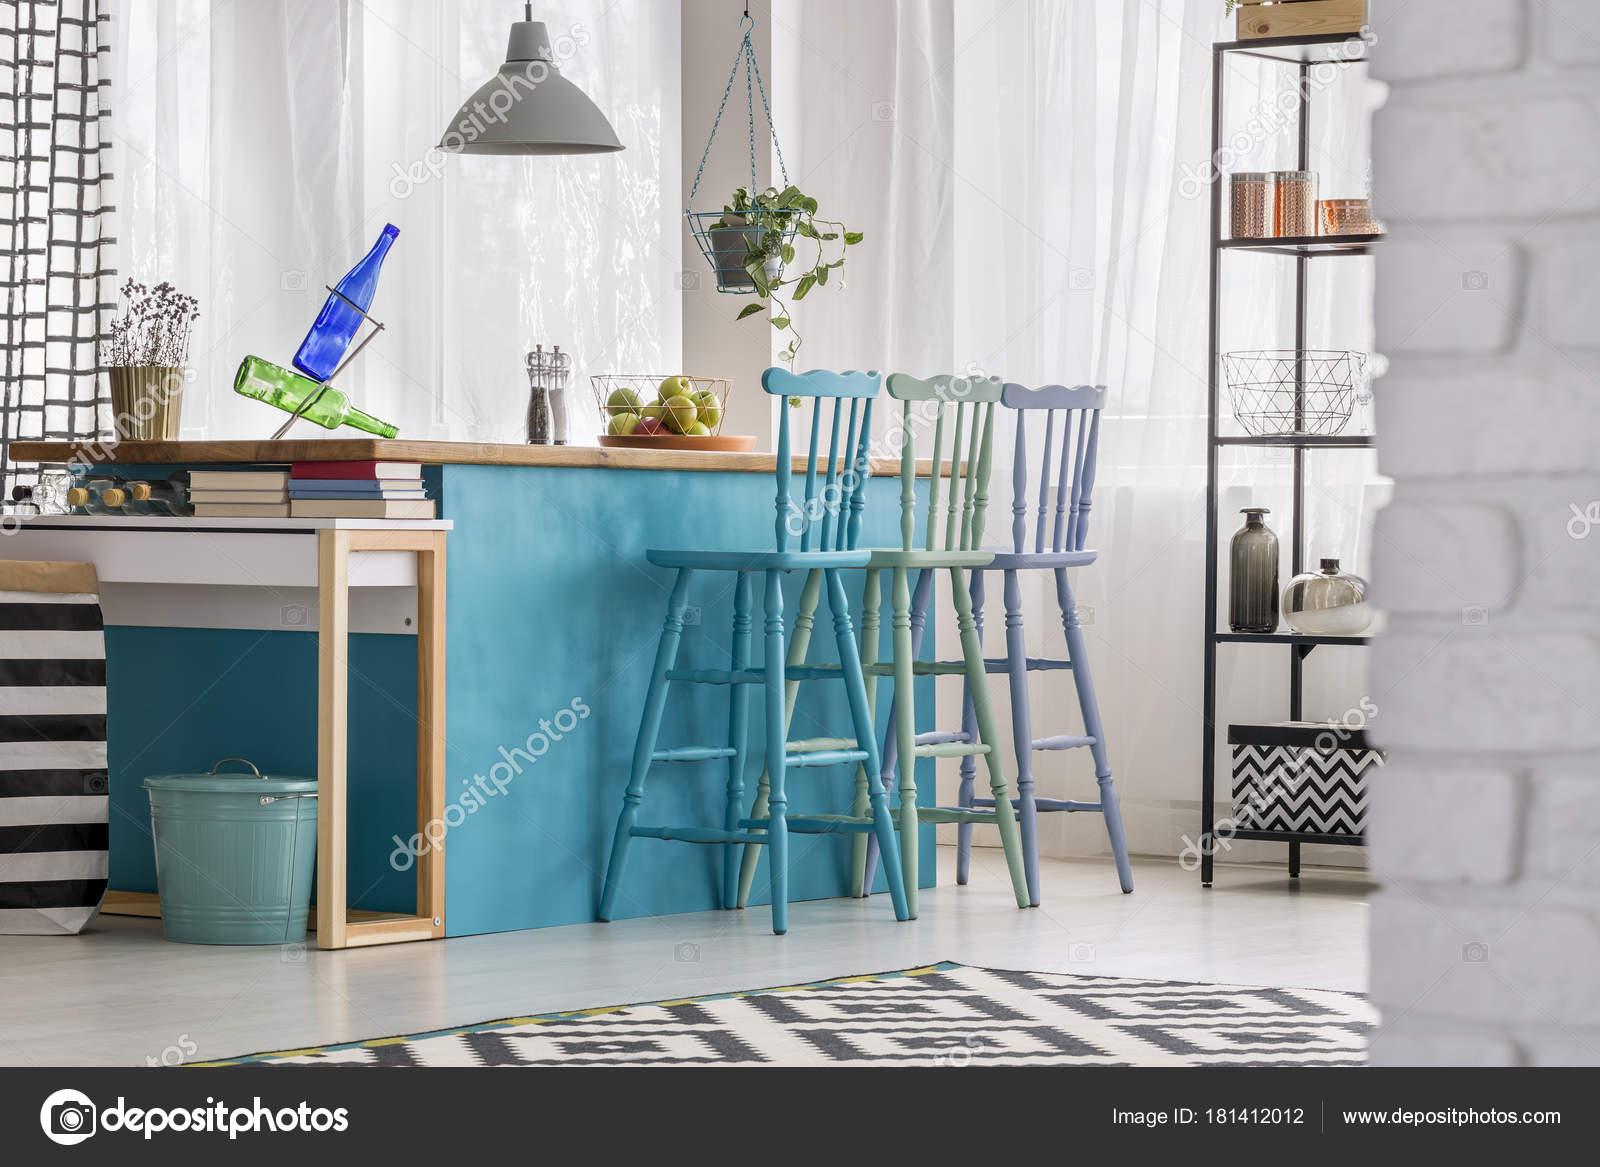 Kleurrijke Interieurs Pastel : Pastel barkrukken in kleurrijke keuken u stockfoto photographee